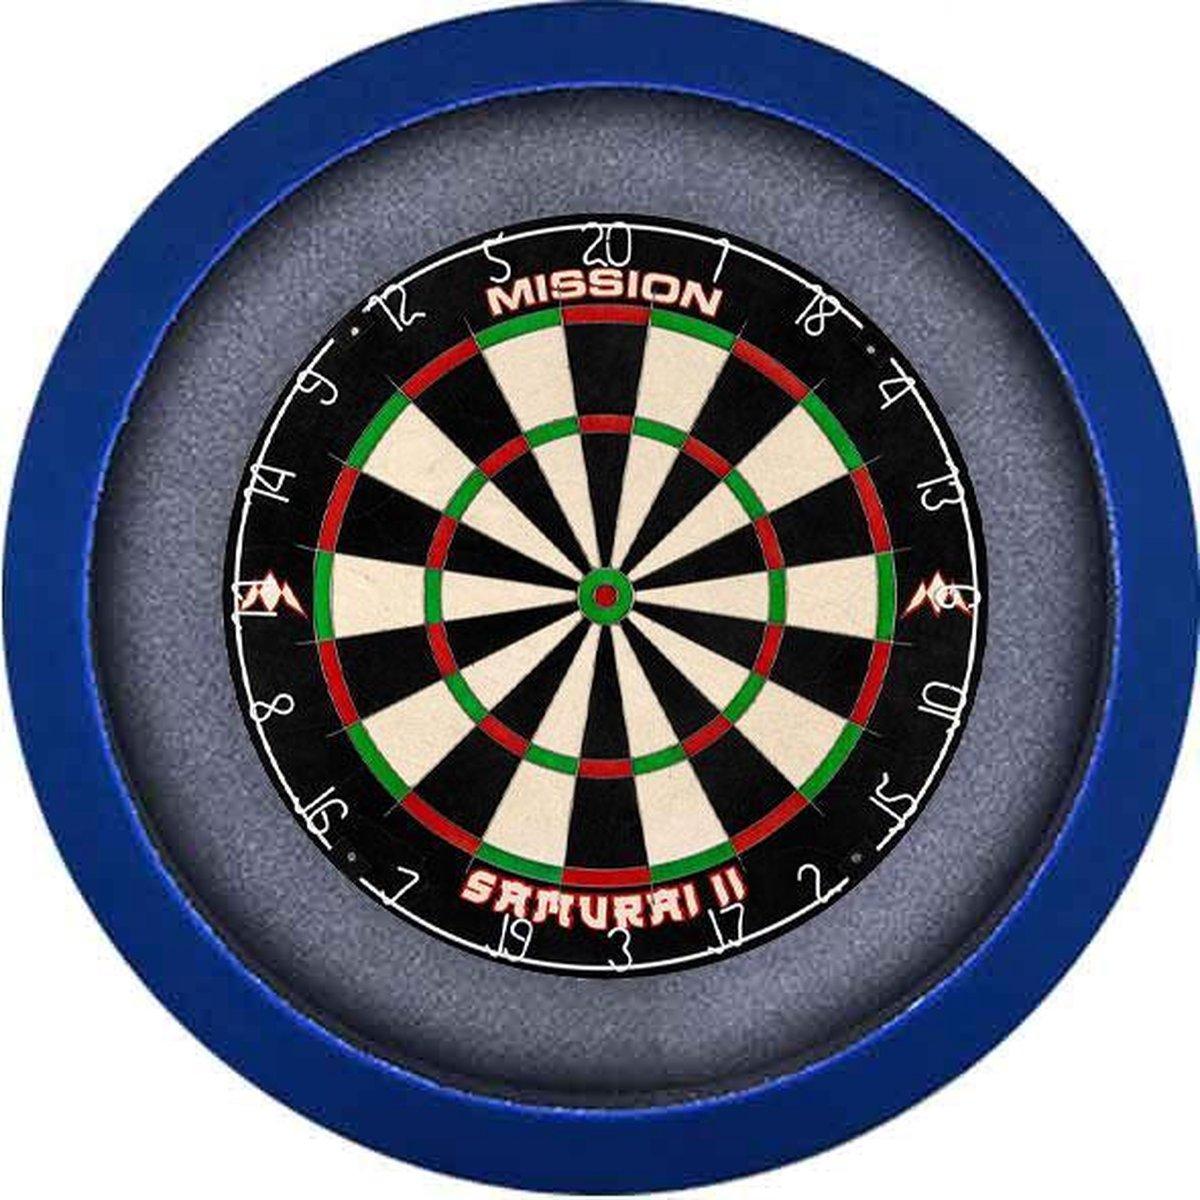 Dartbord Verlichting Voordeelpakket Pro + Mission Samurai 2 + Dartbordverlichting Basic XL(Blauw)